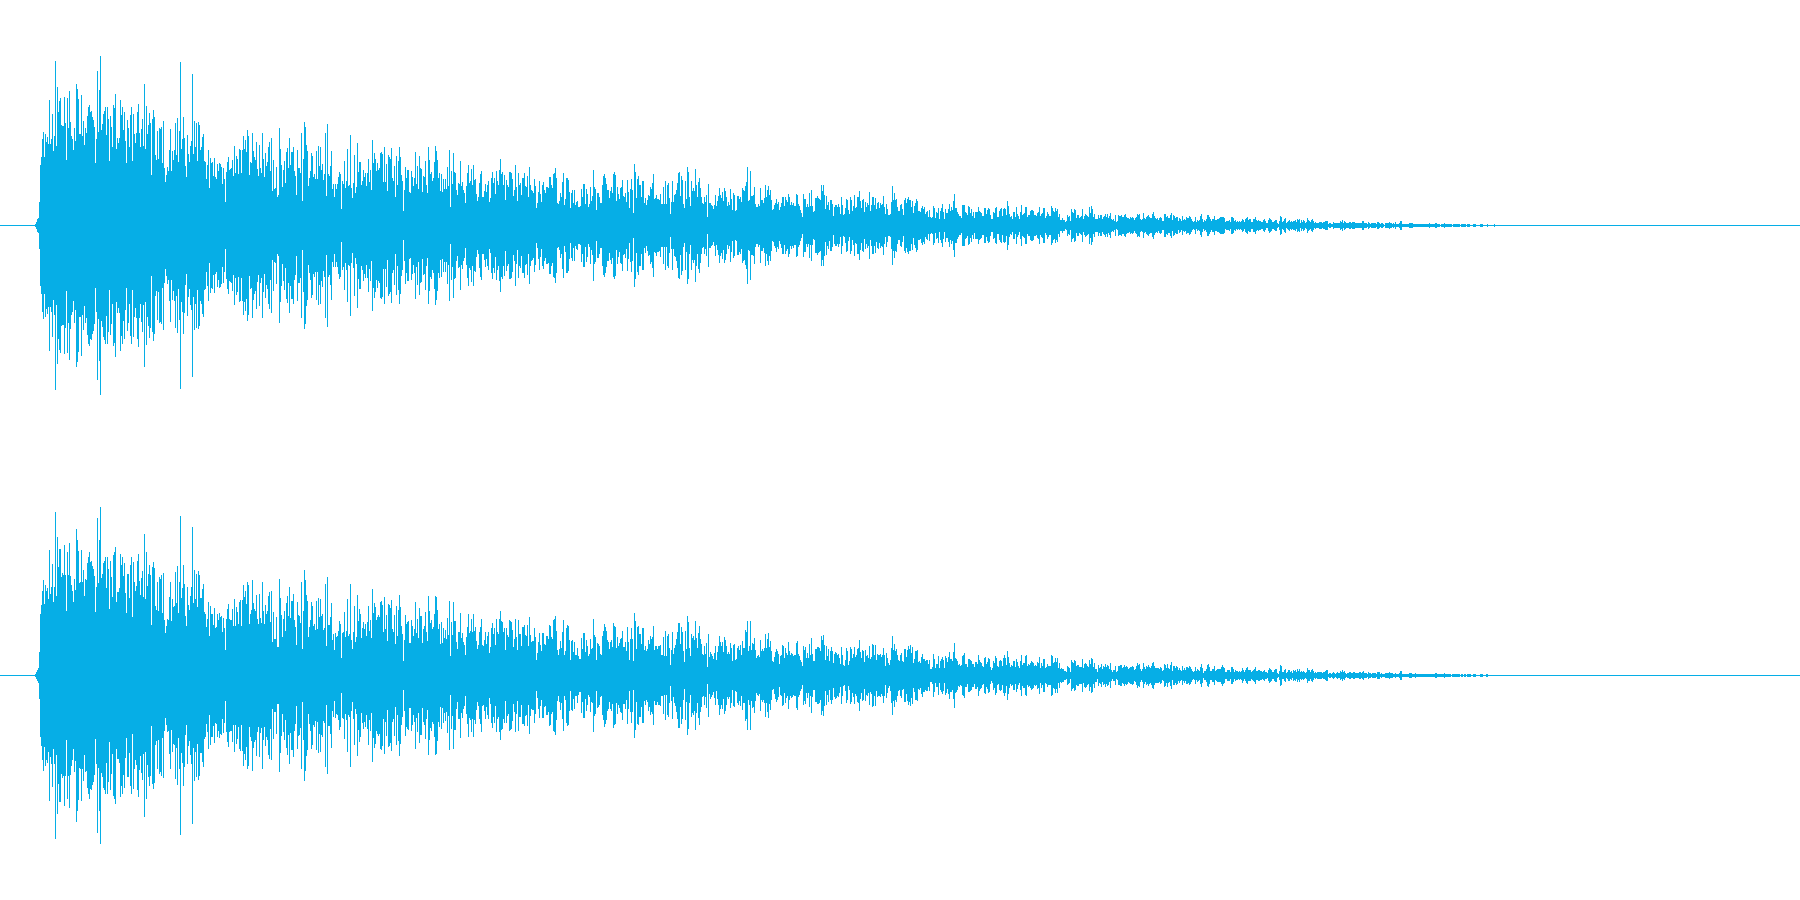 【雷 合成01-1】の再生済みの波形